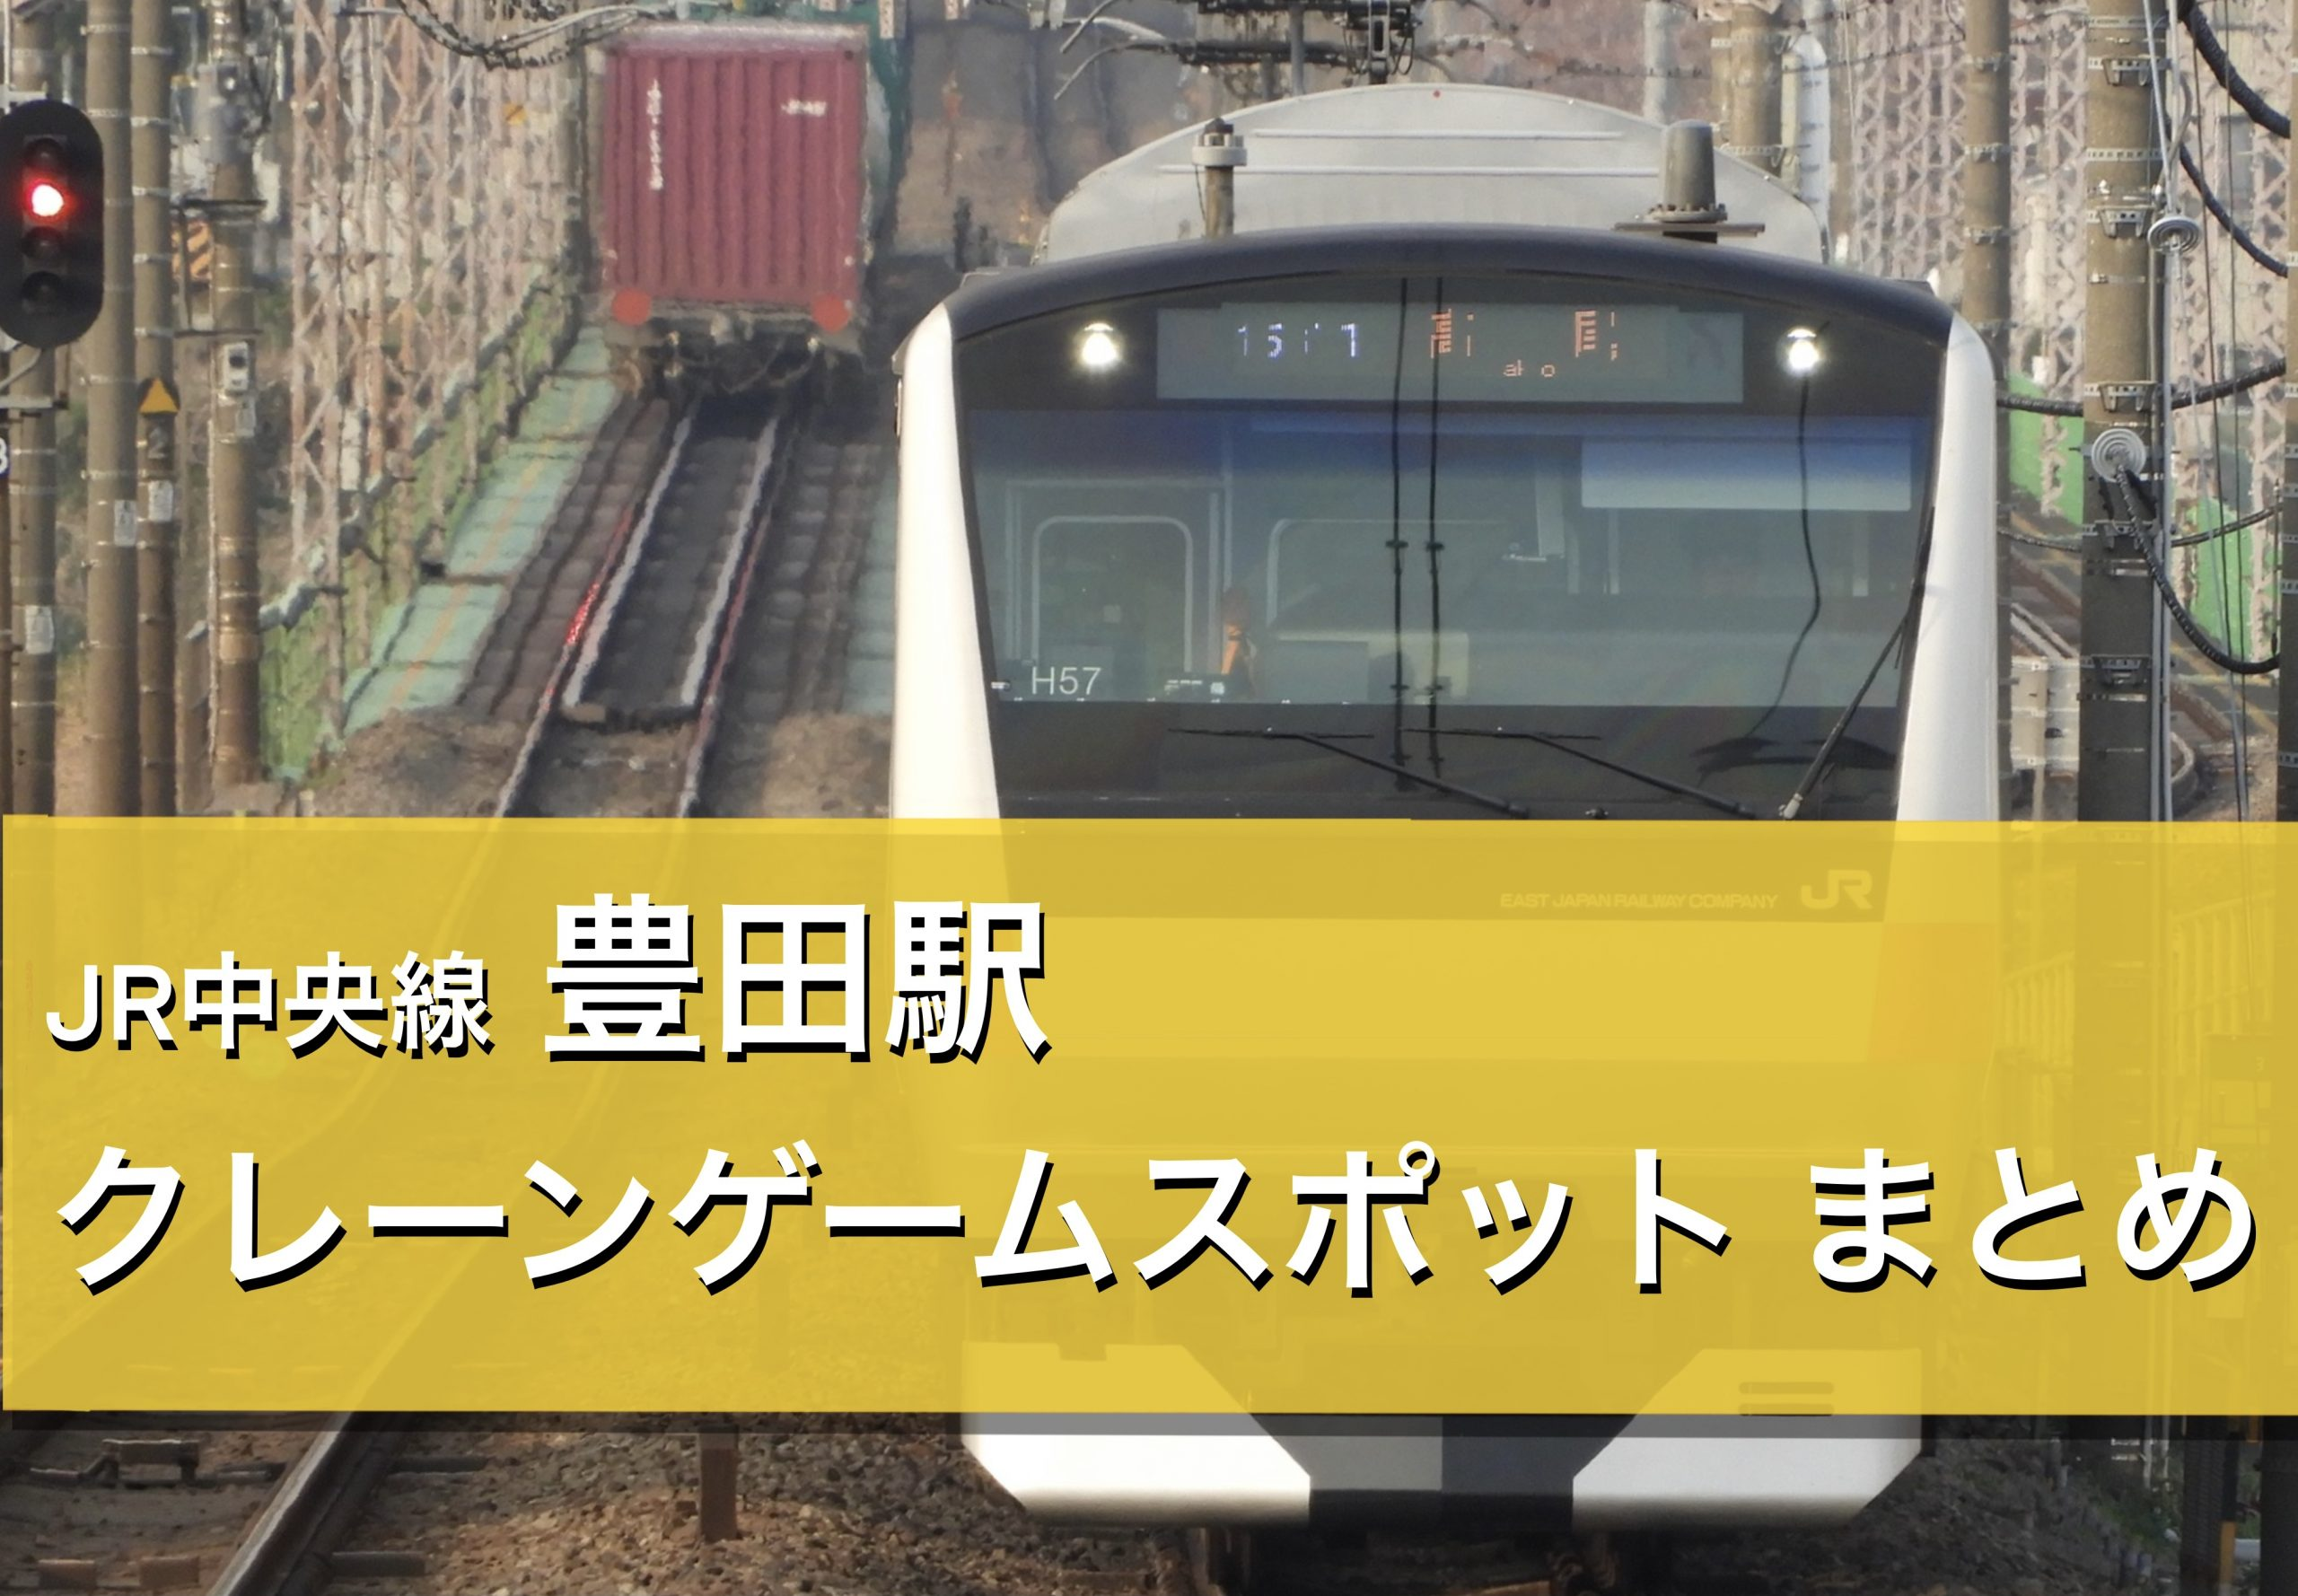 【豊田駅】クレーンゲームができる場所